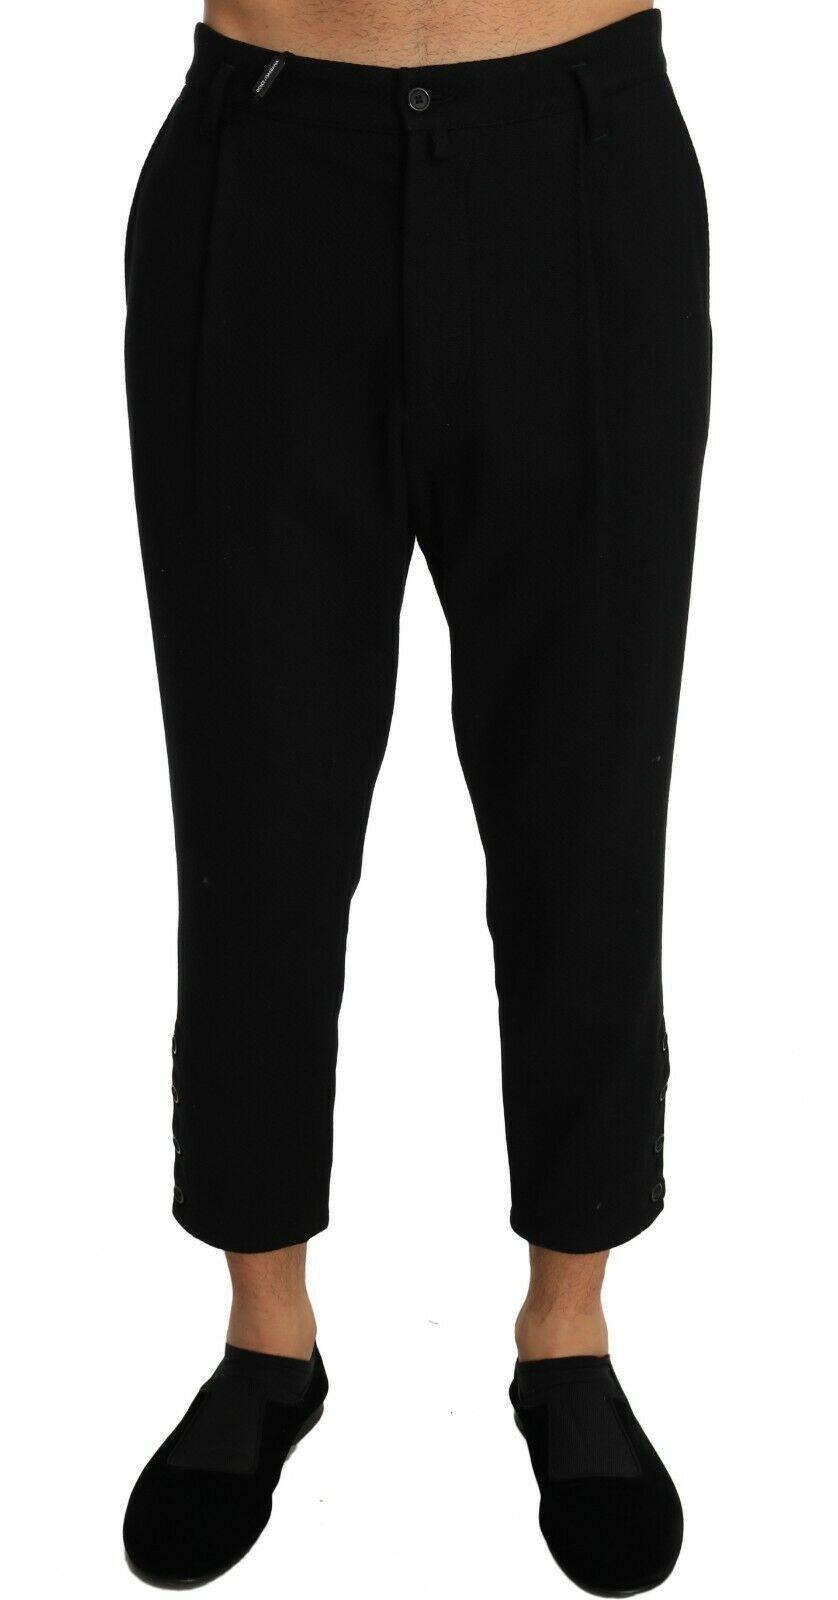 Dolce & Gabbana Men's Cotton Stretch Cropped Trouser Black PAN60920 - W36